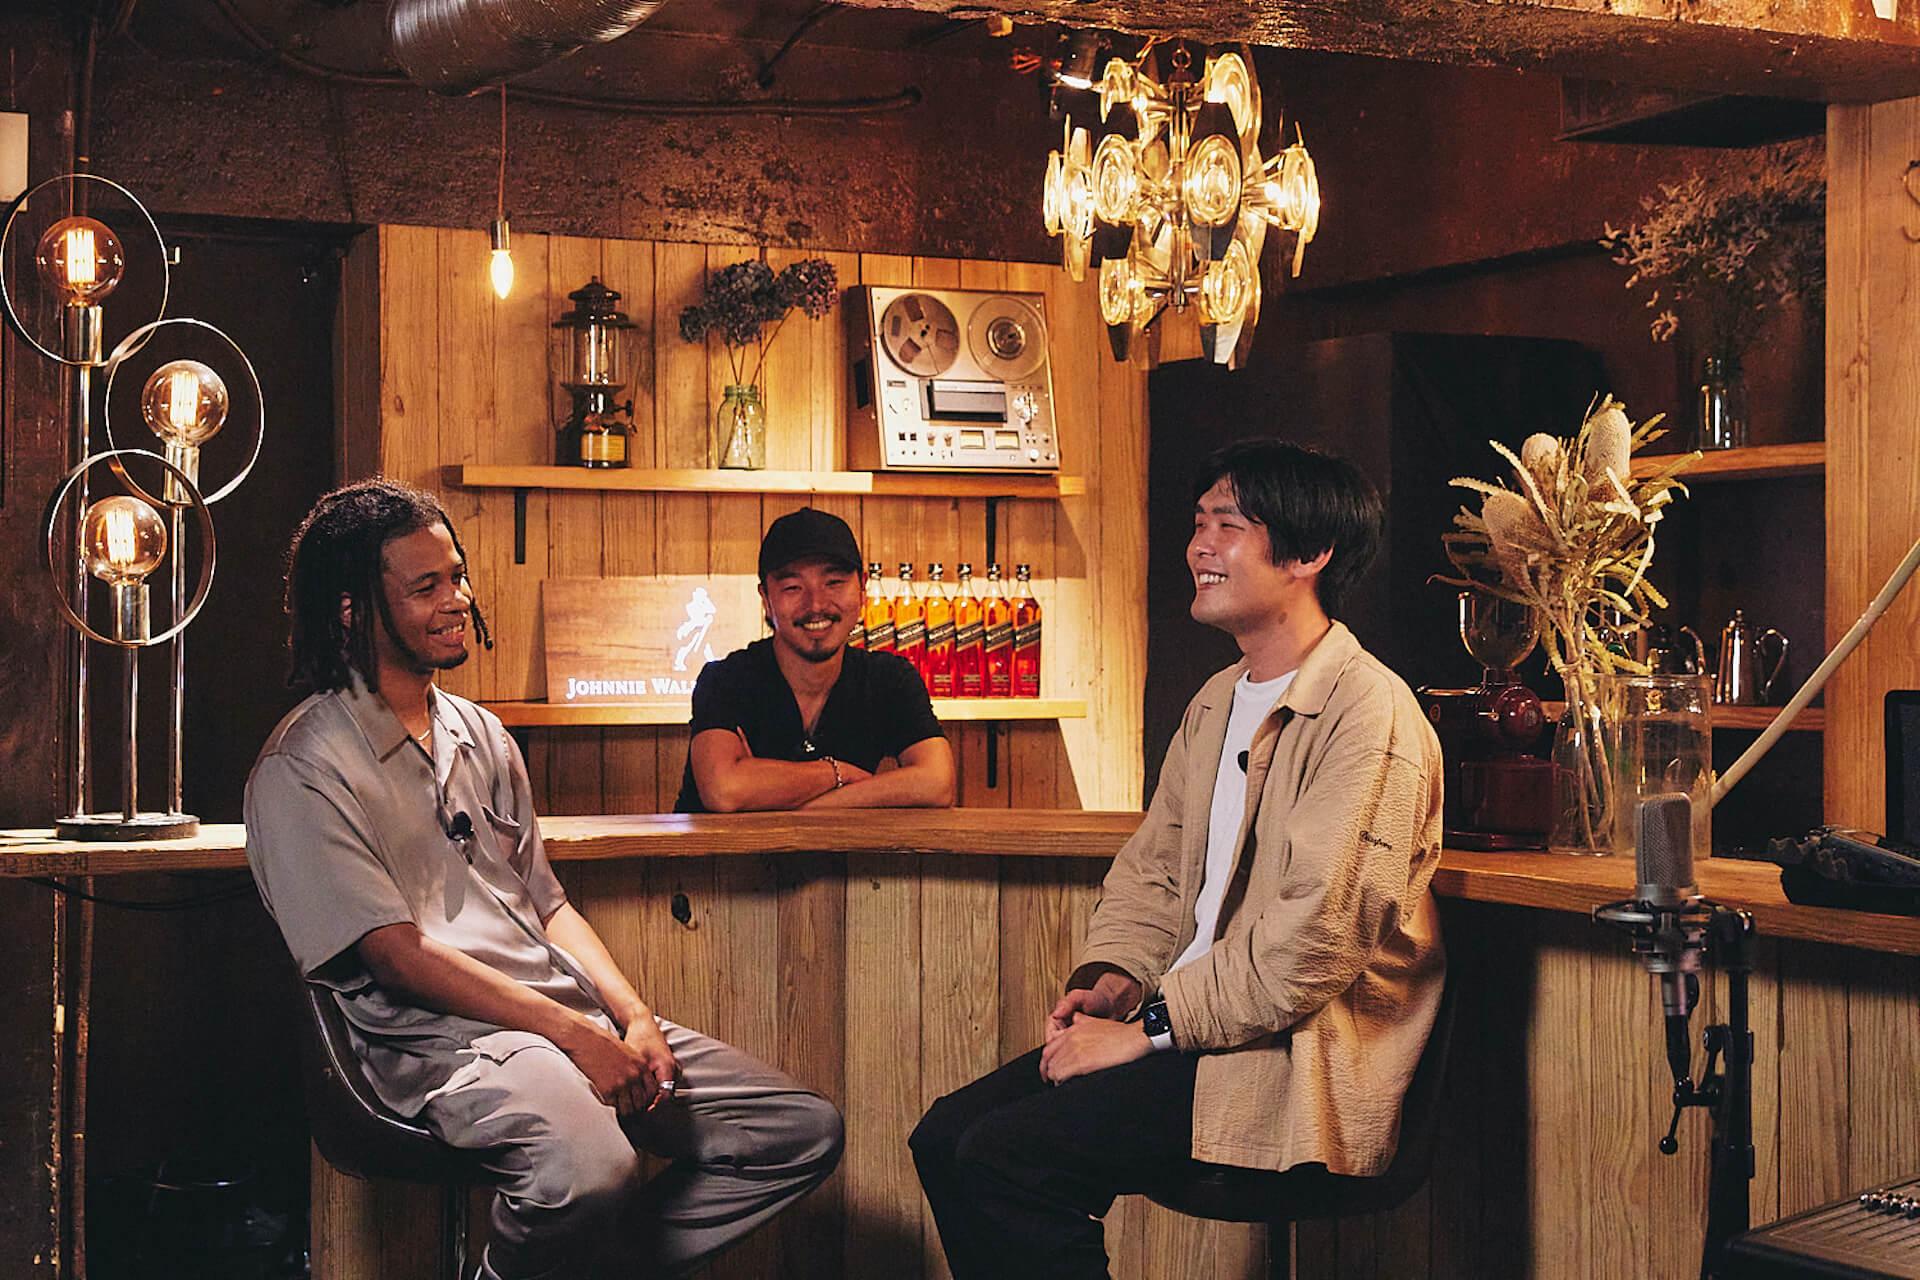 """ストリートなイベント【ネット配信】JOHNNIE WALKER PRESENTS """"The LIVE-HOUSE"""" No.002 ジョニーウォーカーによるライブ動画にSTUTSらが登場!"""